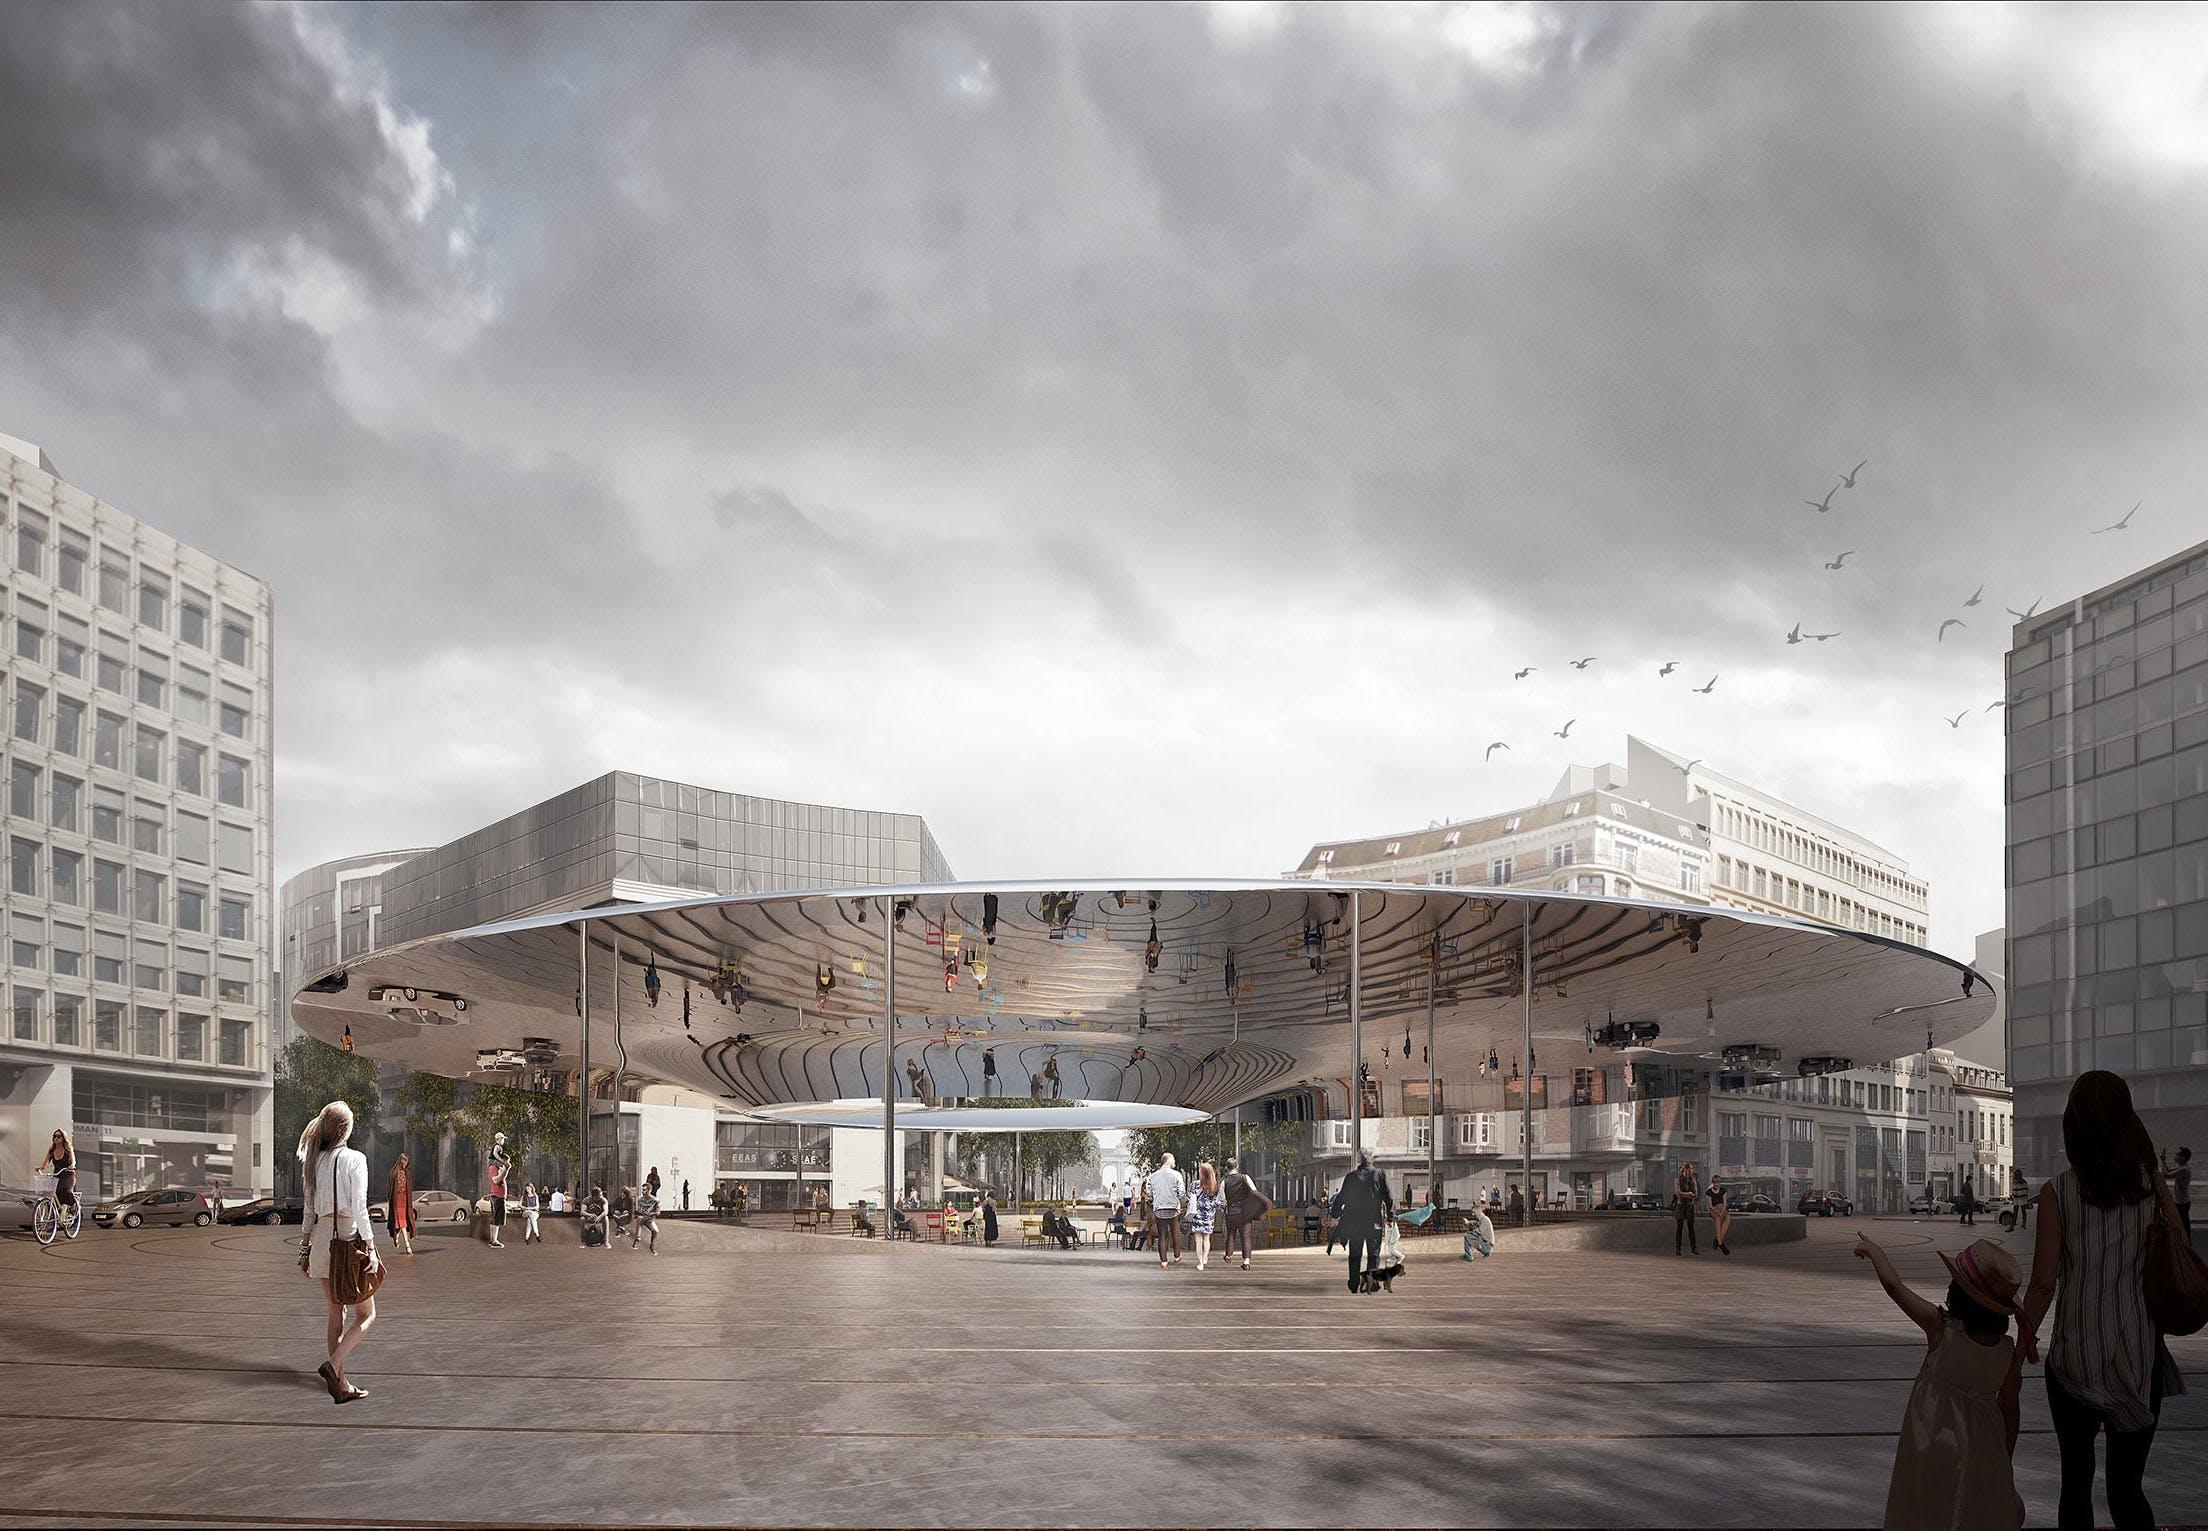 cobe bruxelle arkitektur arkitekt bygning